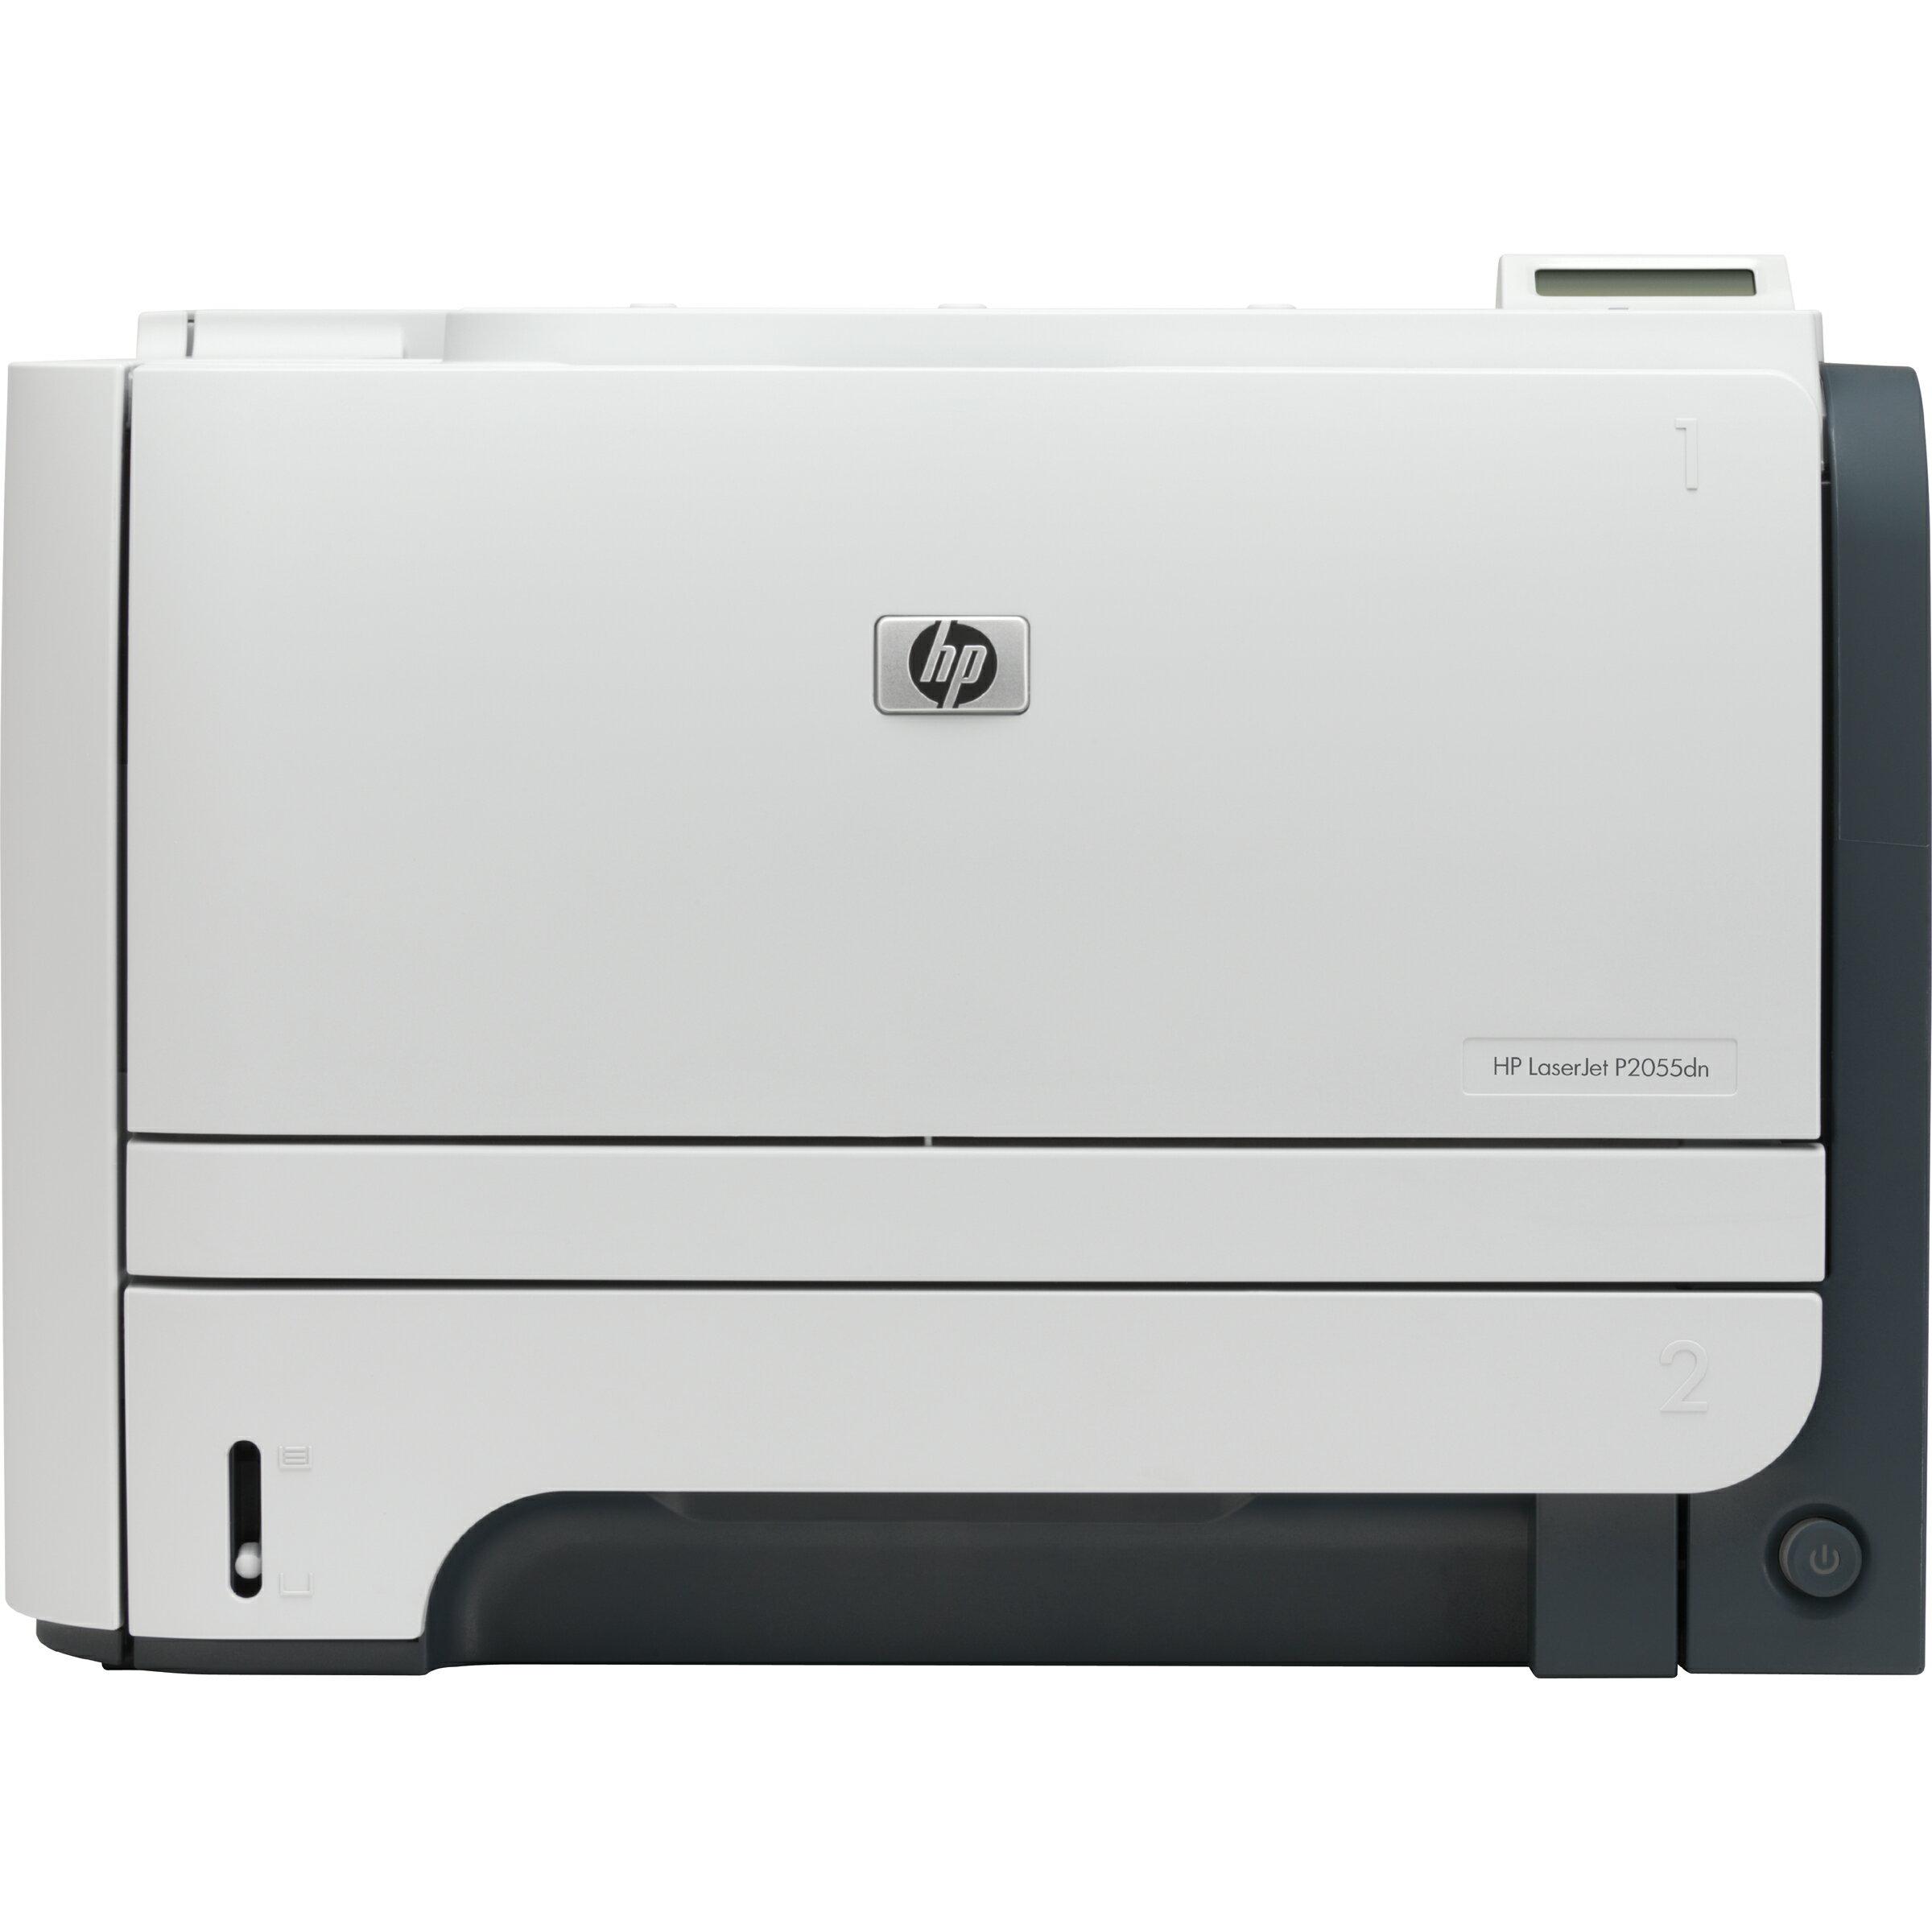 HP LaserJet P2055DN Printer - Monochrome - 1200 x 1200 dpi - USB - Gigabit Ethernet - Mac, PC 0